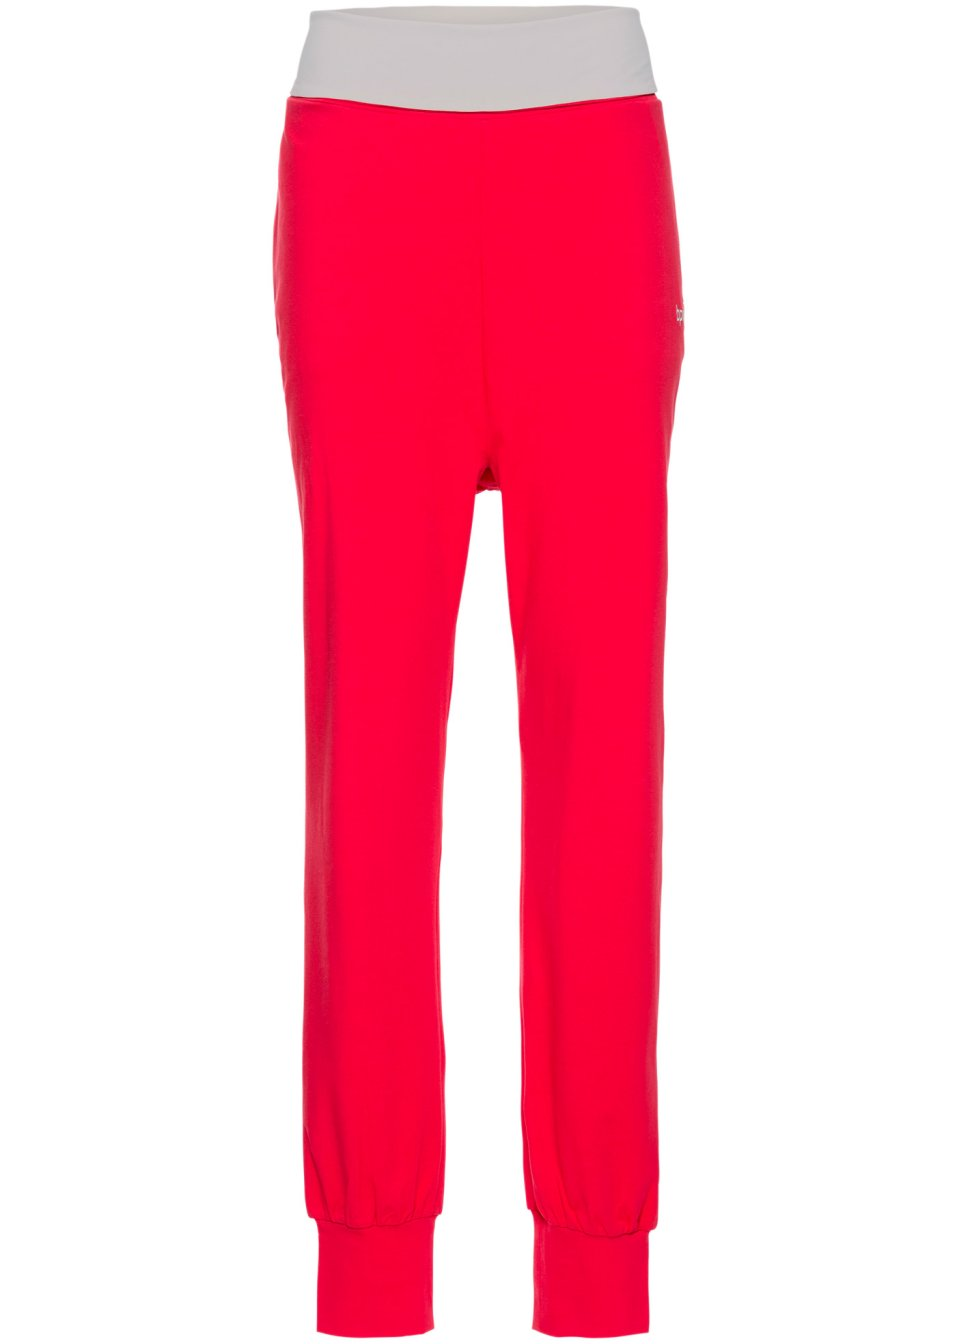 pantalon de jogging avec revers la taille rouge bpc bonprix collection acheter online. Black Bedroom Furniture Sets. Home Design Ideas